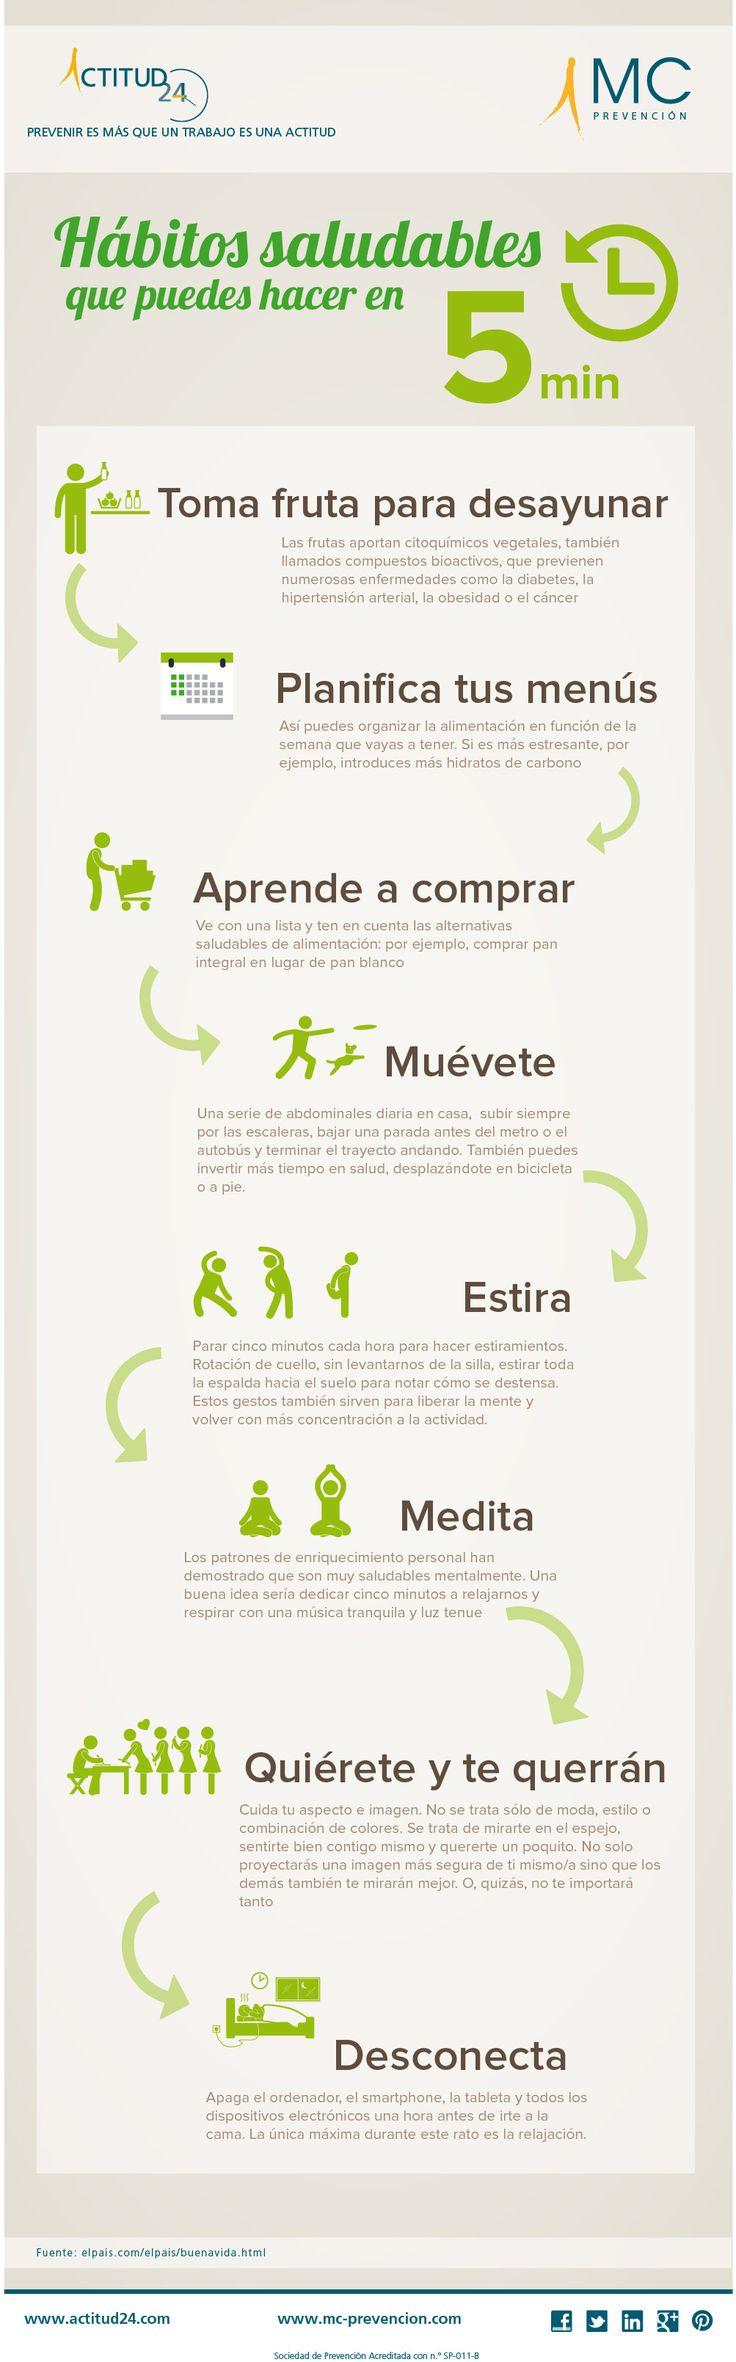 #Infografia sobre Hábitos saludables que puedes hacer en cinco minutos. #salud bBienestar #habitos #consejos #tips #saludable #cambio #transformacion #control